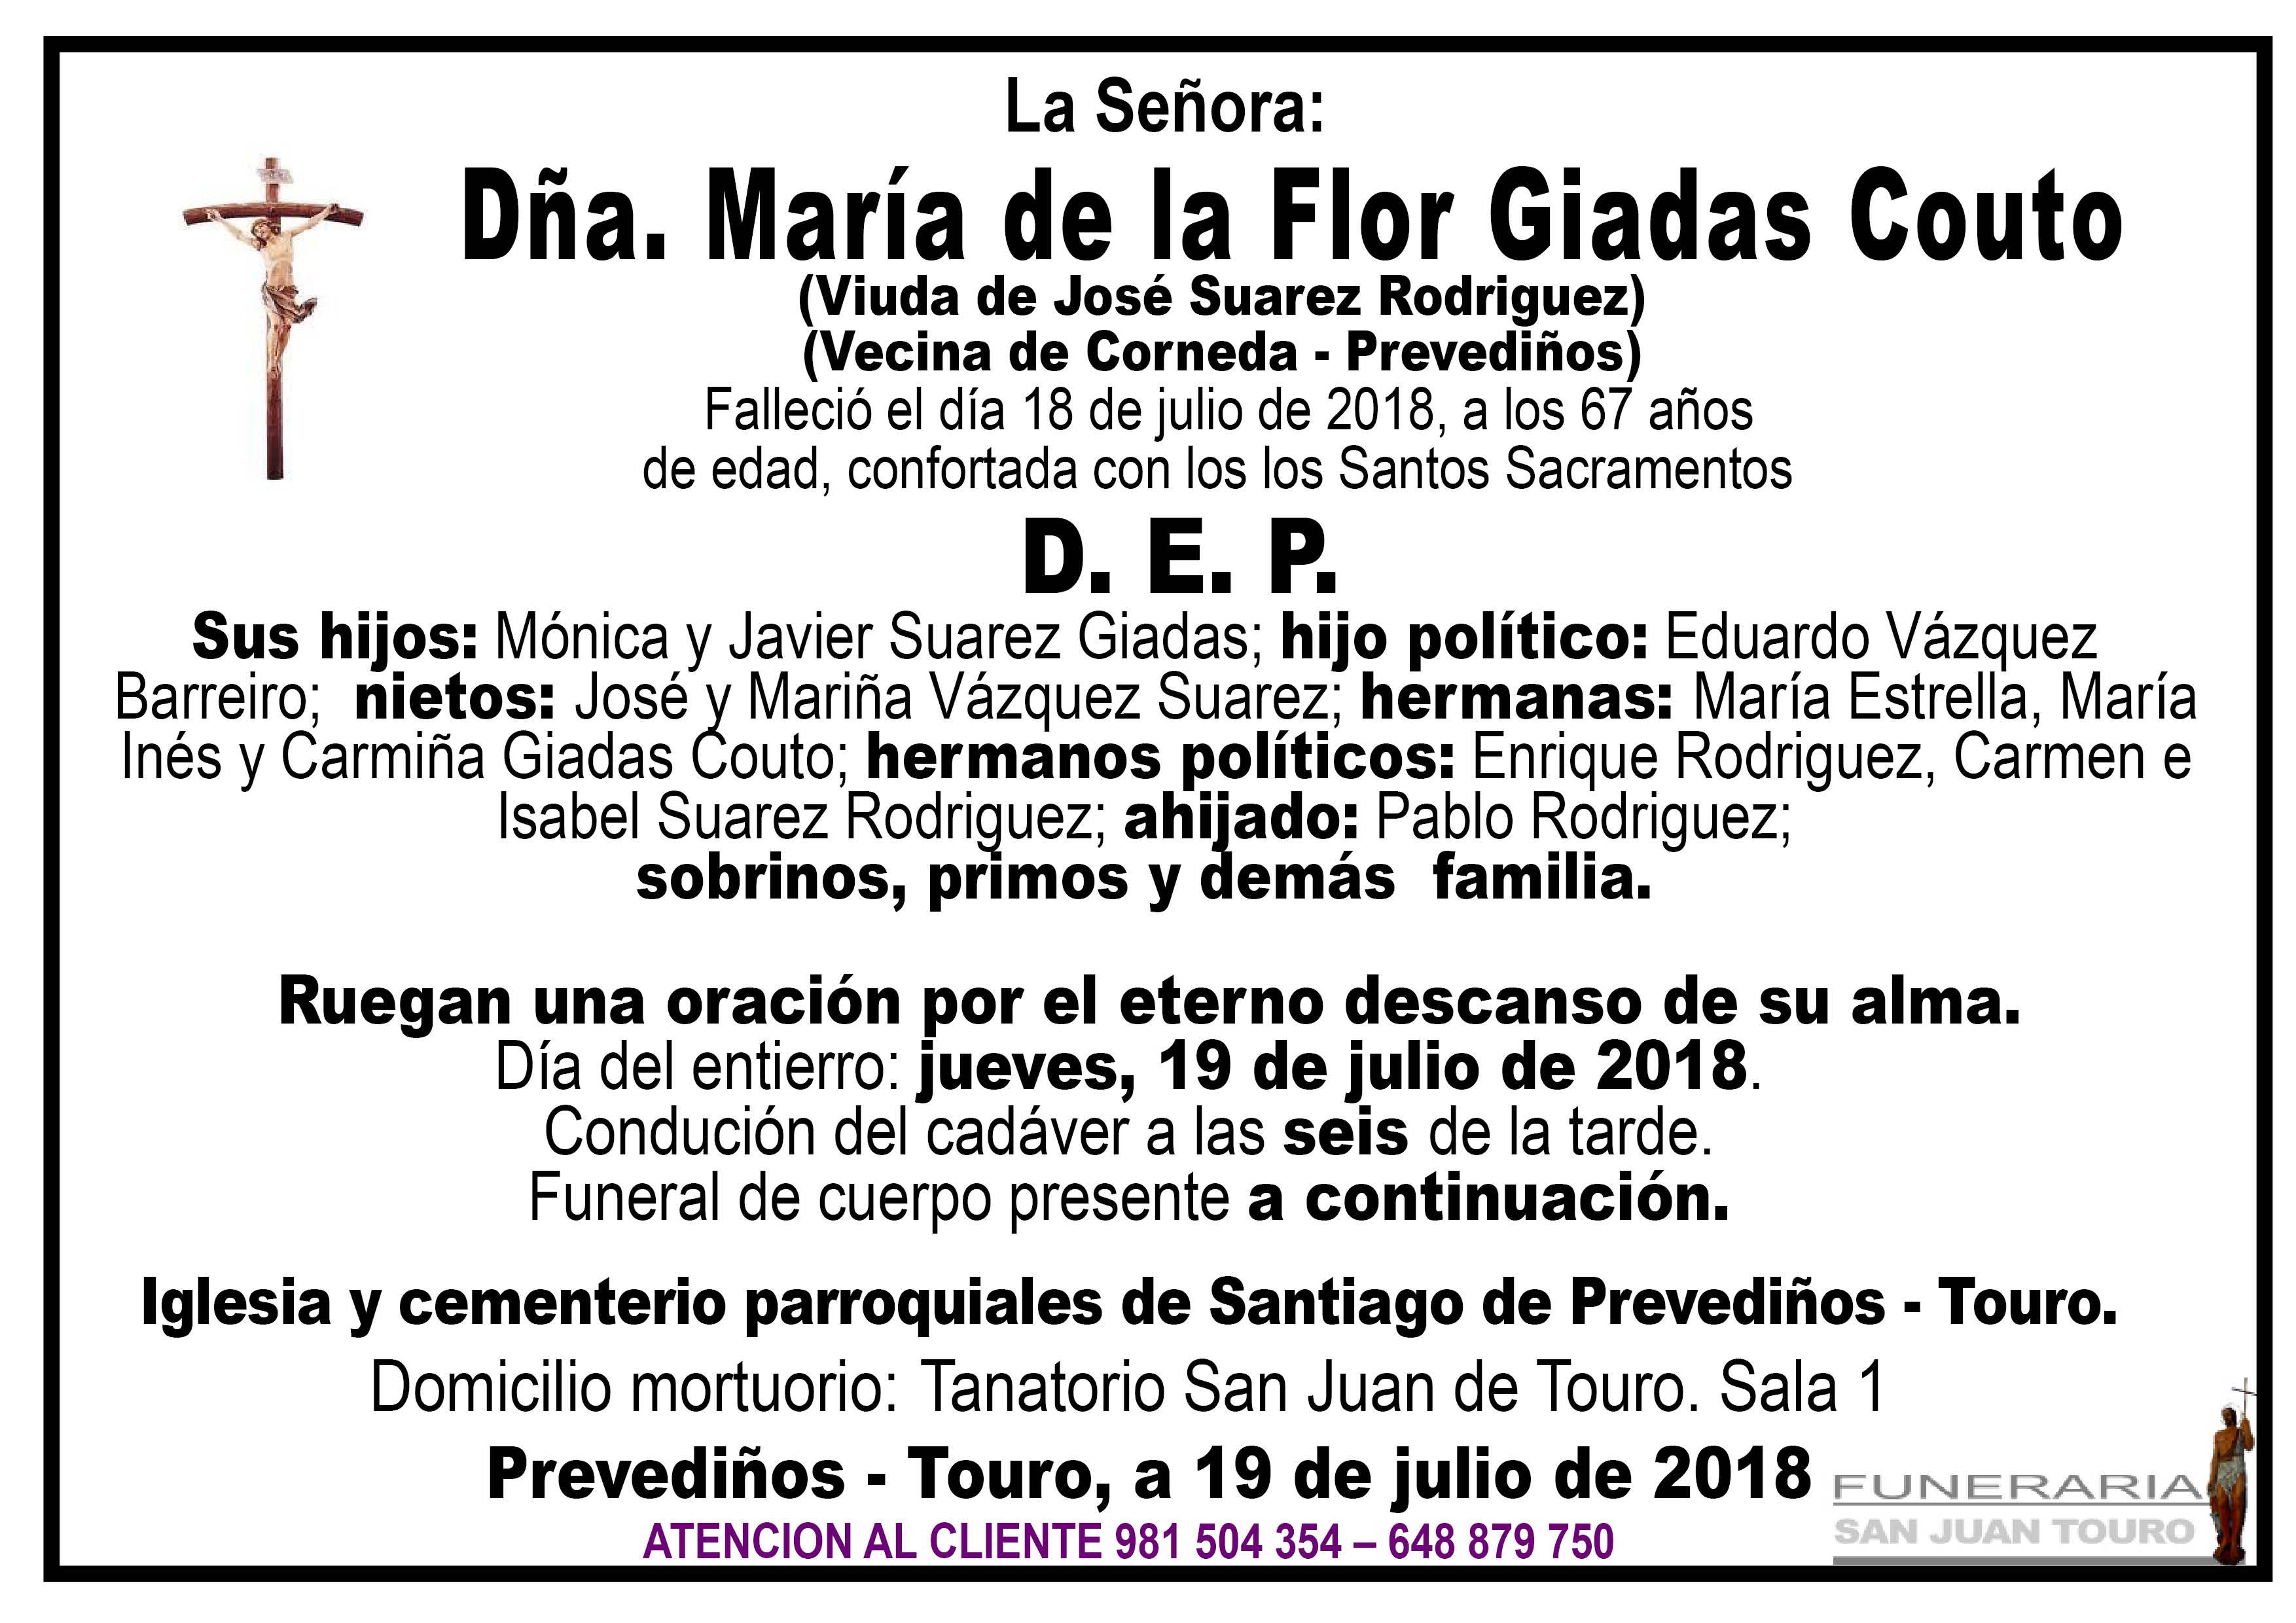 Esquela de SEPELIO DE DOÑA MARÍA DE LA FLOR GIADAS COUTO